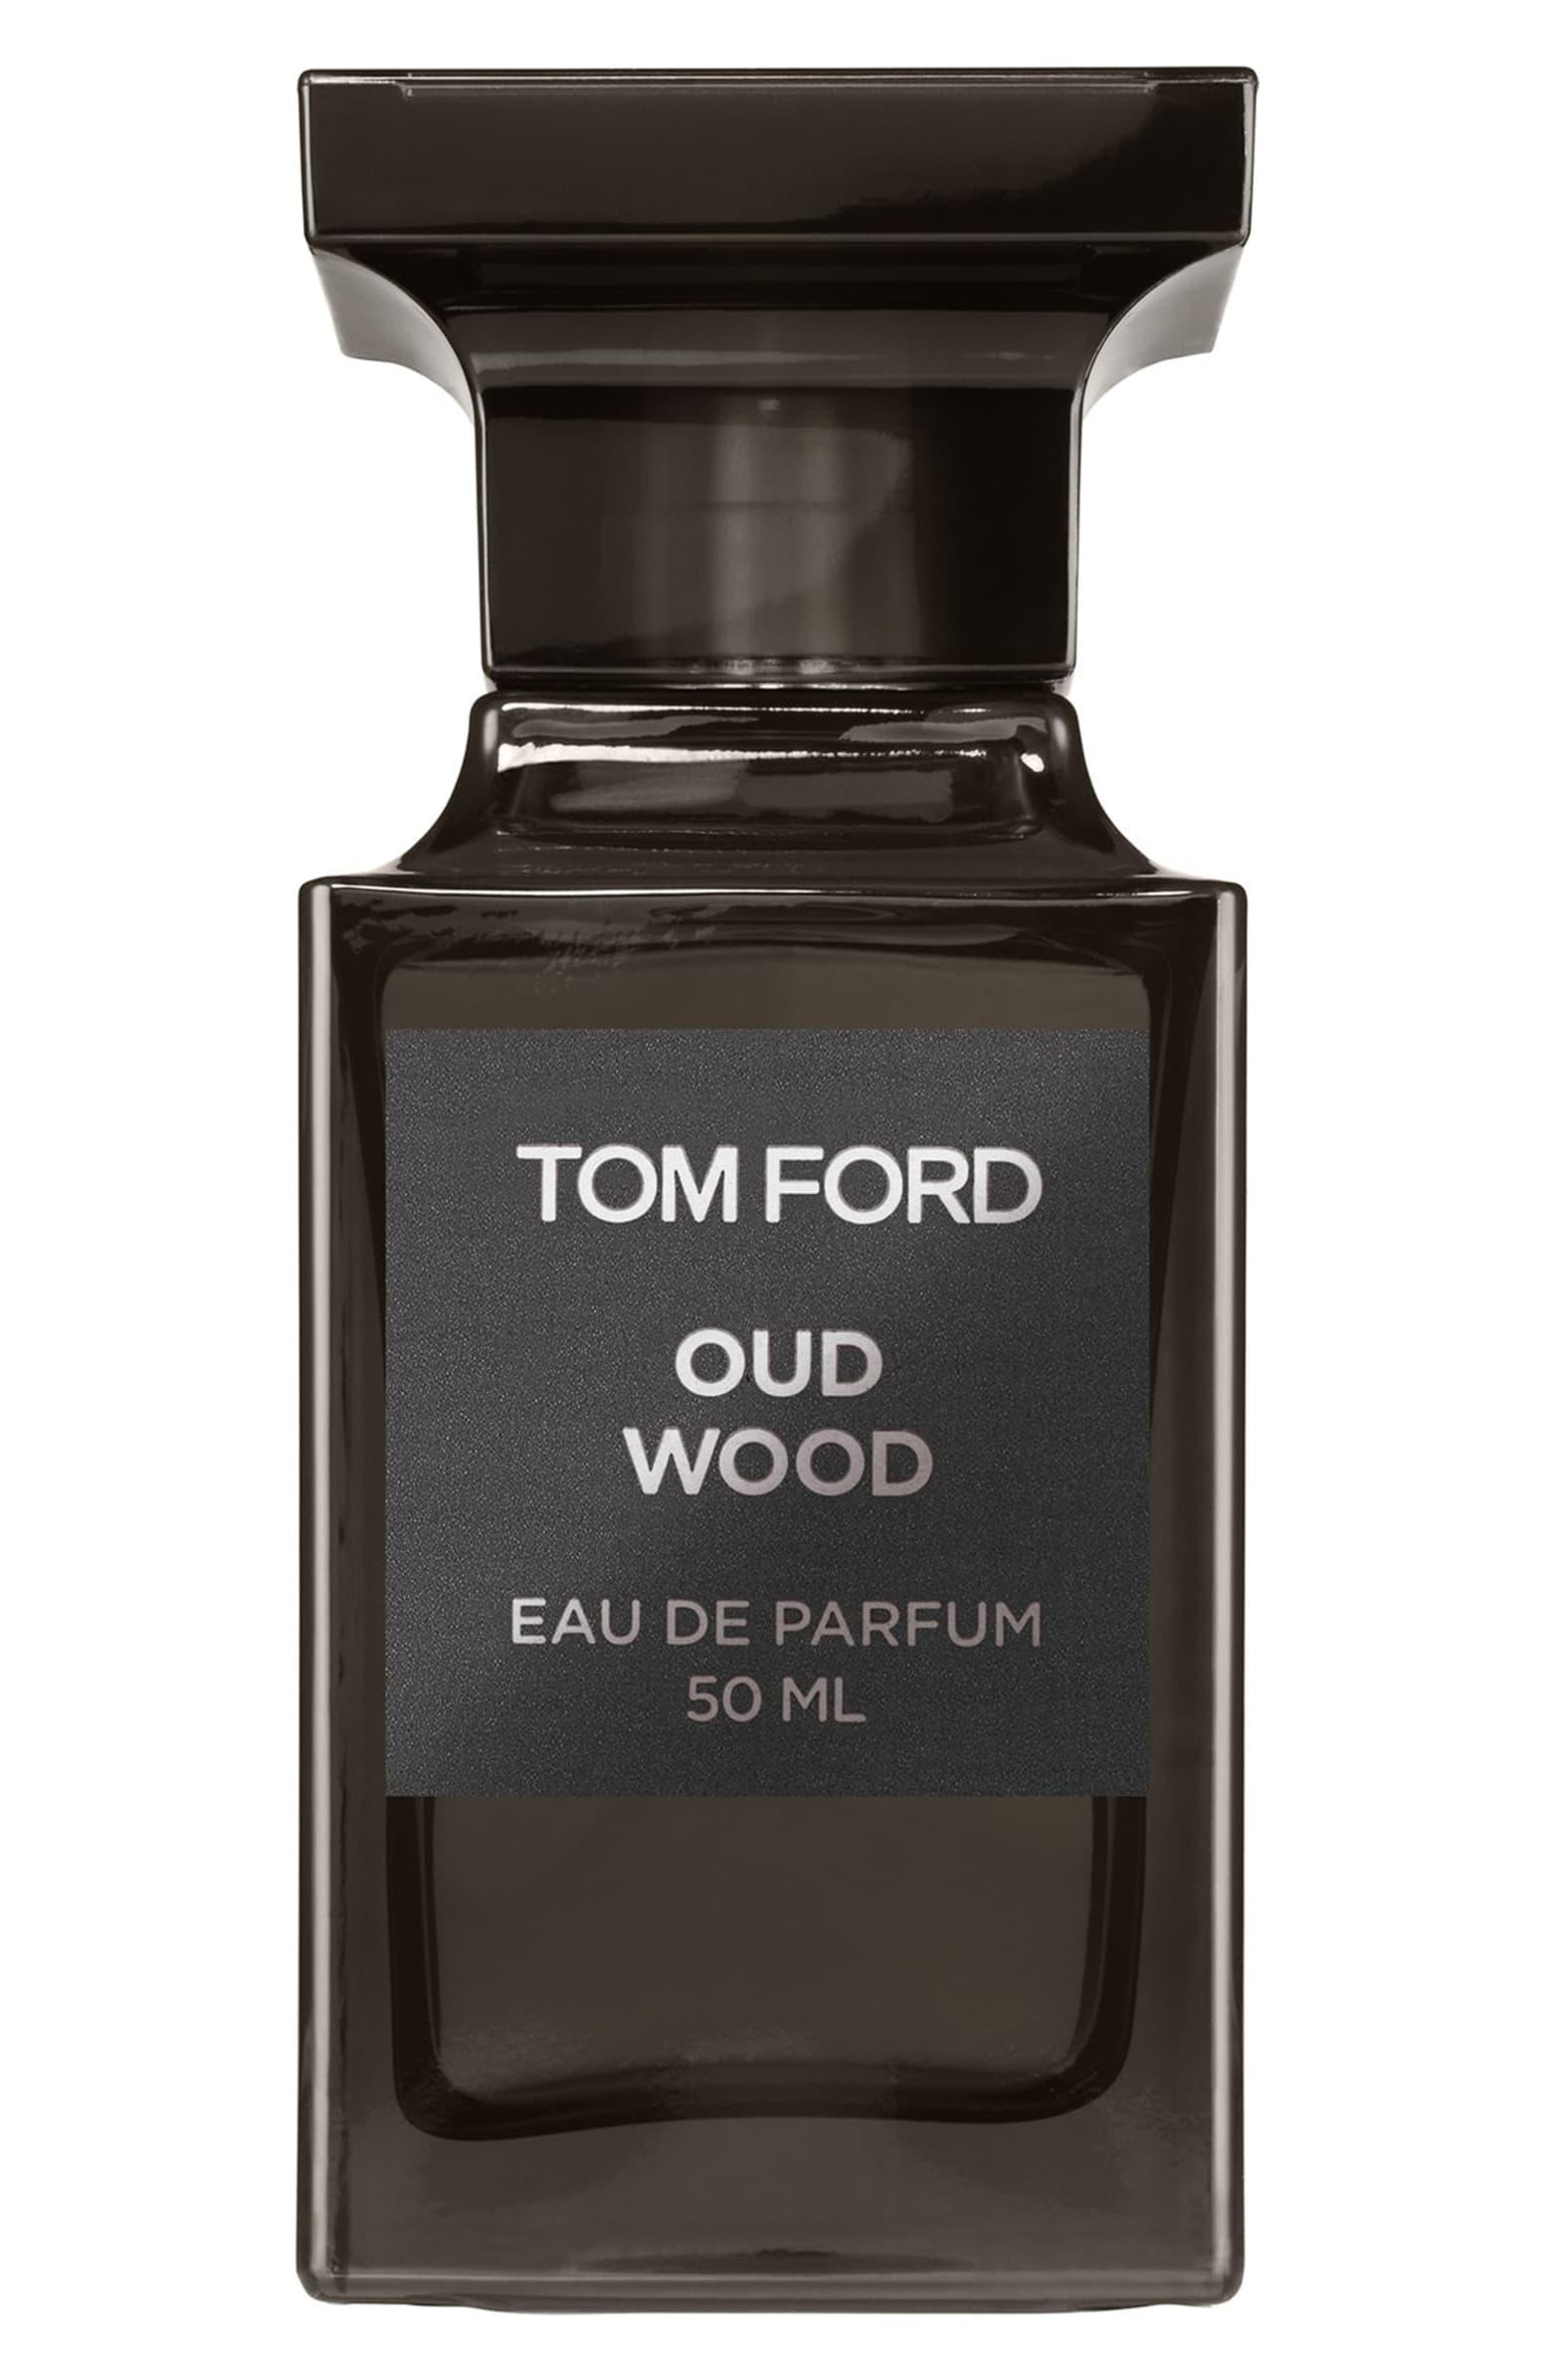 Tom Ford Cologne